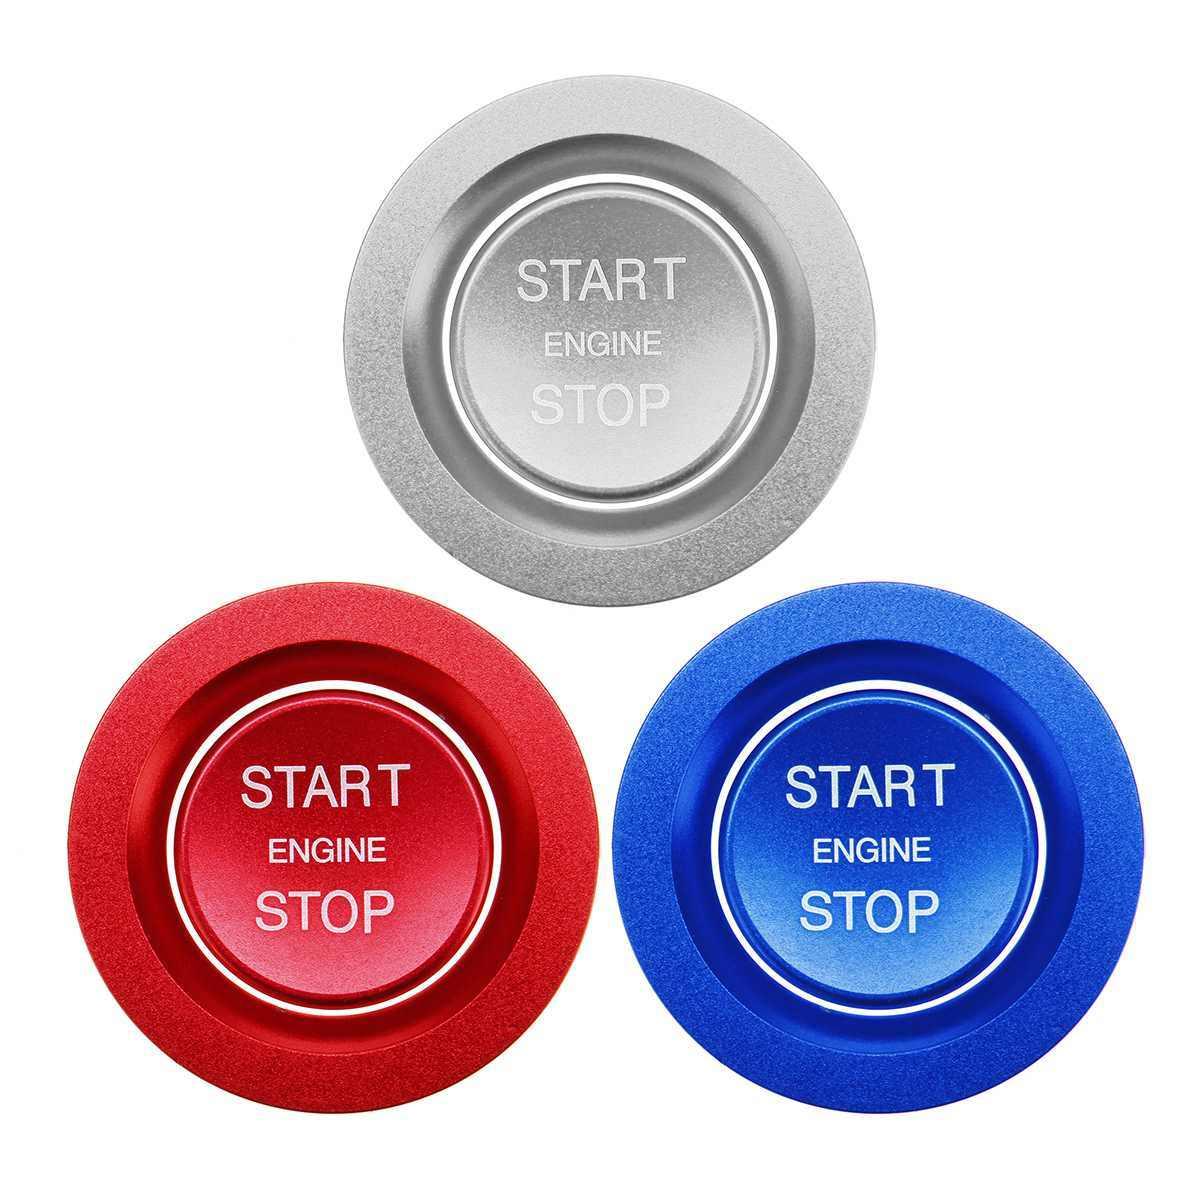 ل اند روفر ديسكفري الرياضة إيفوك السيارات محرك ابدأ زر التوقف نظام التصميم غطاء السيارة ملصقات حافظة الخاتم اكسسوارات